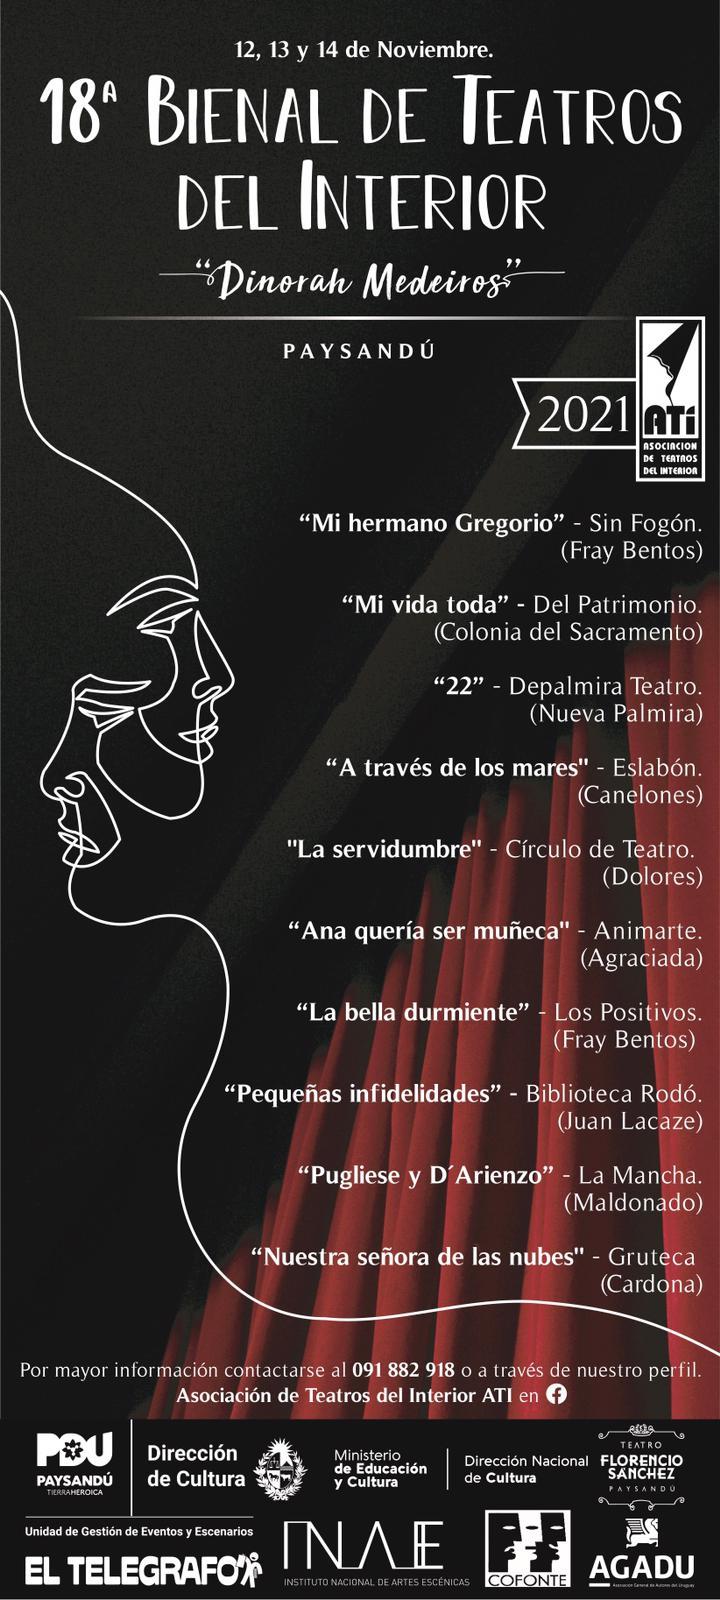 18 Bienal de Teatros del Interior